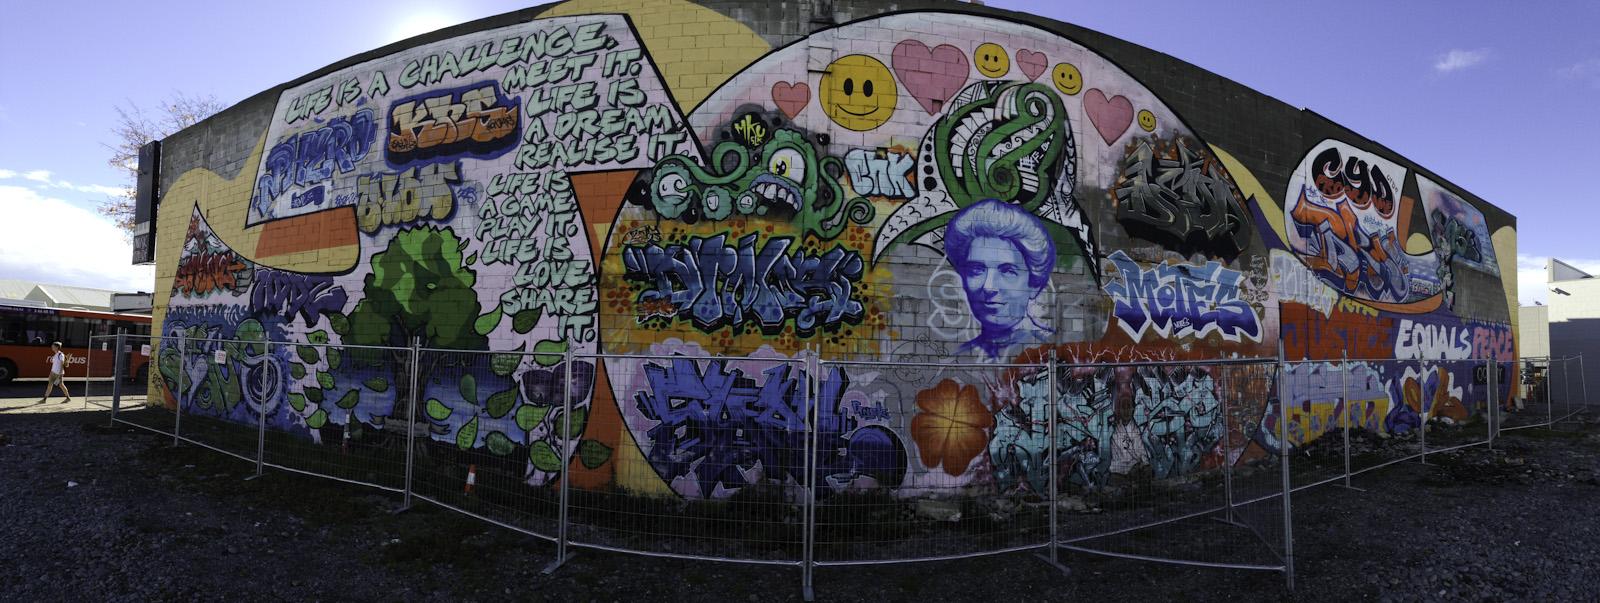 Stronger Christchurch street art Colombo Street.